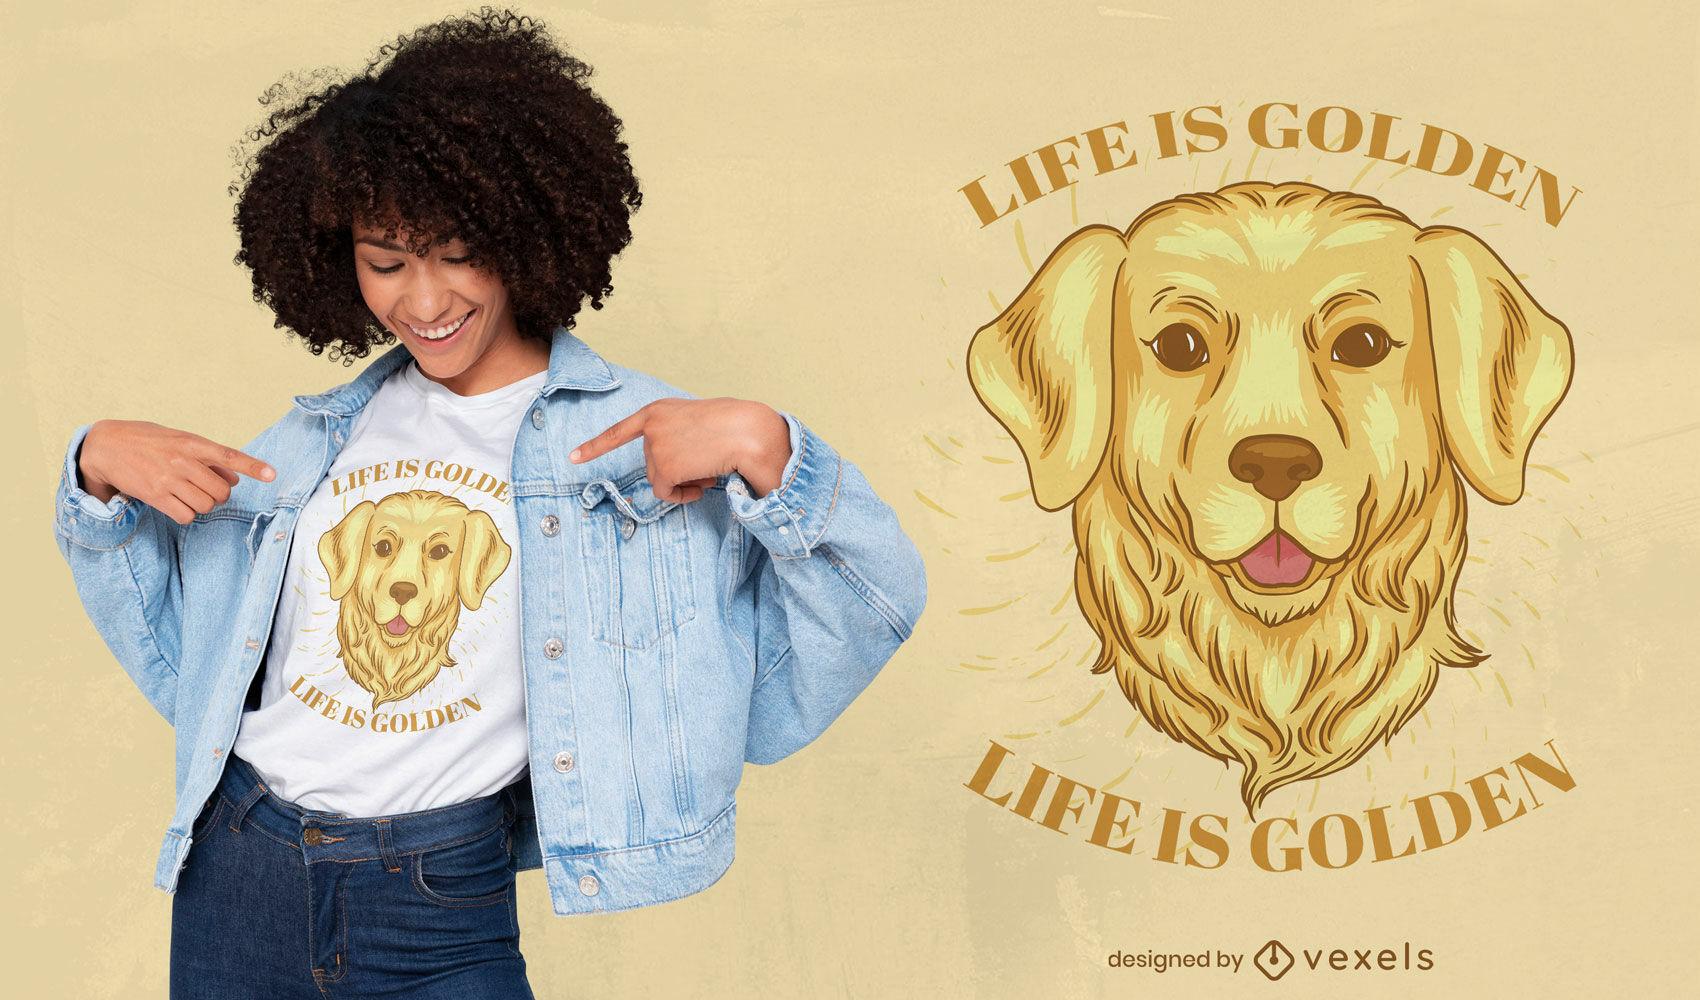 Golden retriever dog face t-shirt design